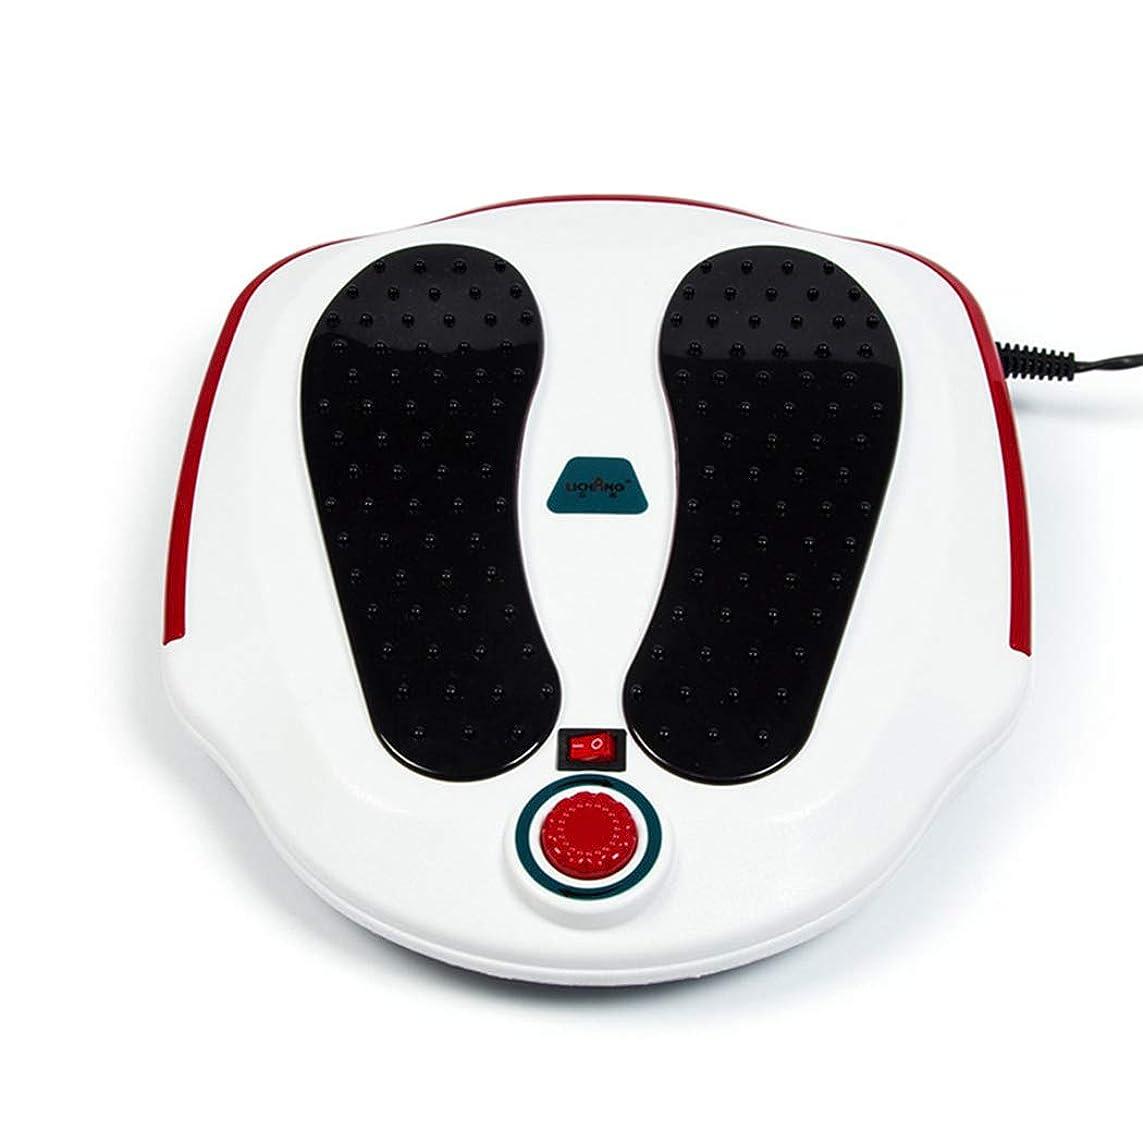 ヨーロッパラインナップドラッグ足のマッサージ機指圧足マッサージ電気バック切替式熱機能振動ディープニーディング取り外し可能。, white